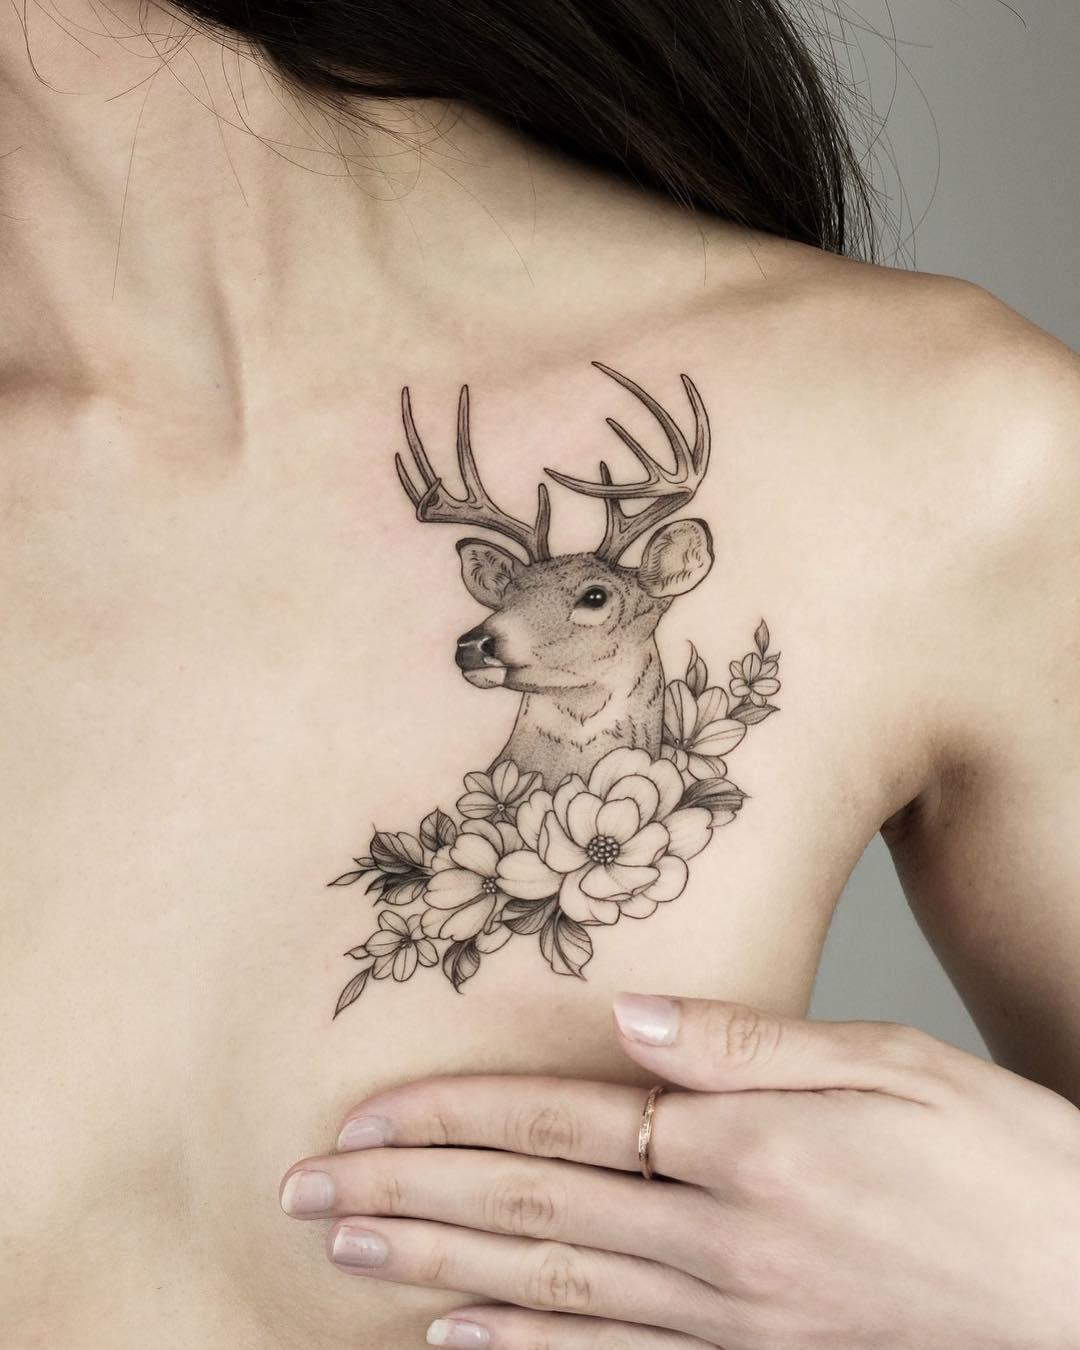 татуировка в виде оленя